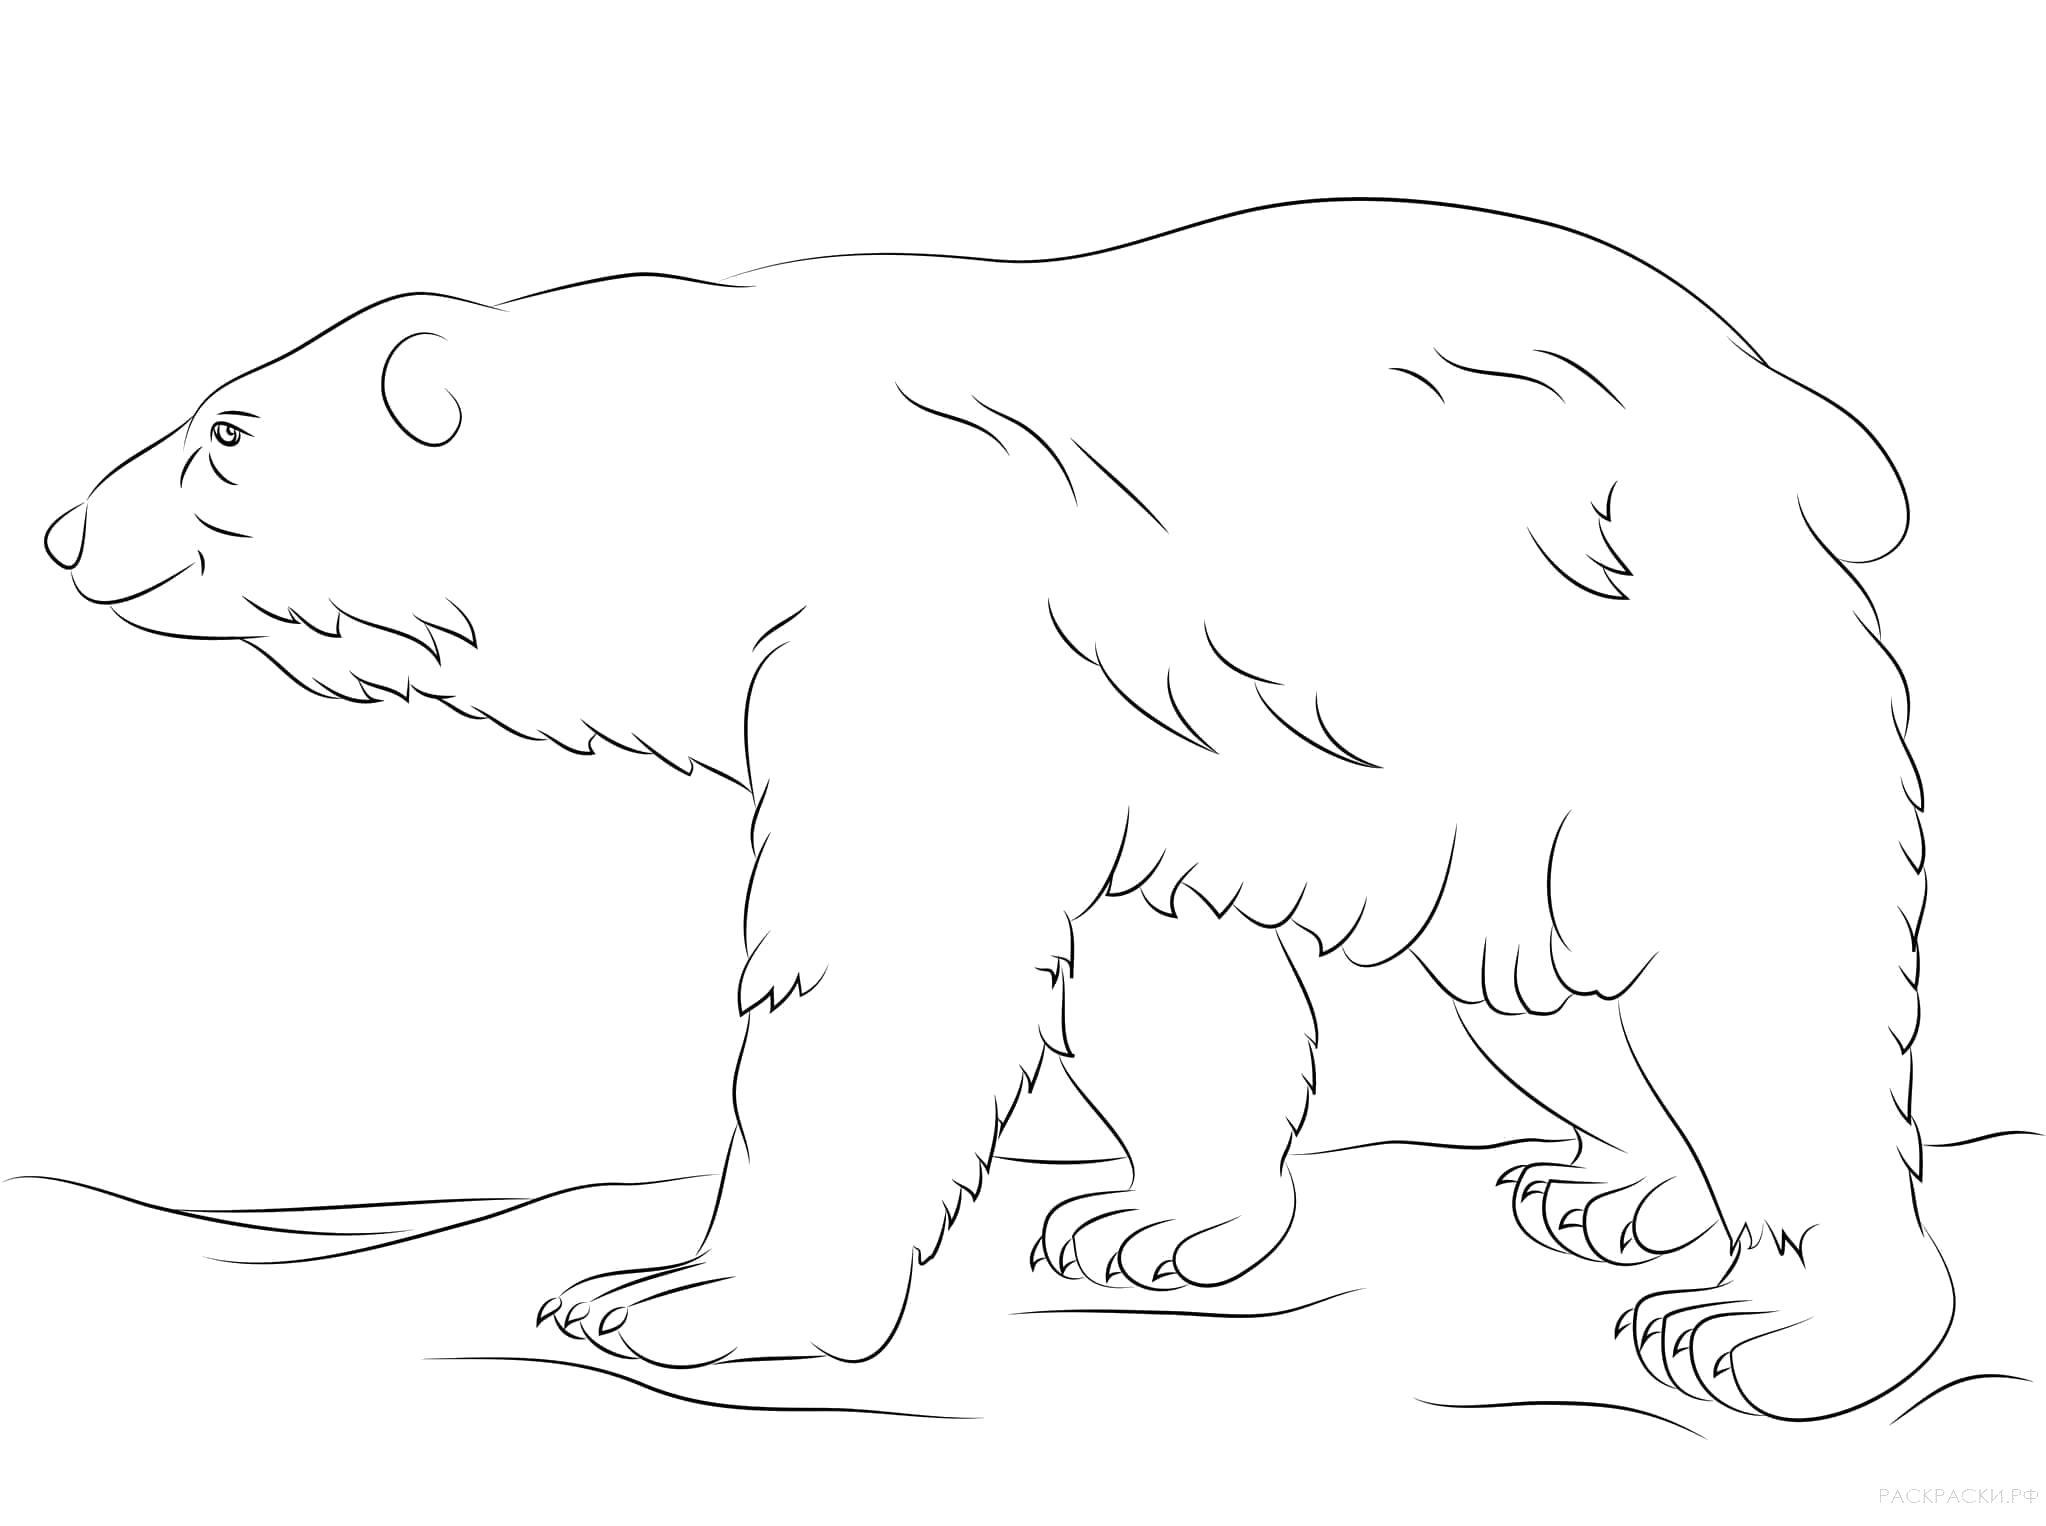 Раскраска Гуляющий белый медведь. Скачать медведь.  Распечатать медведь